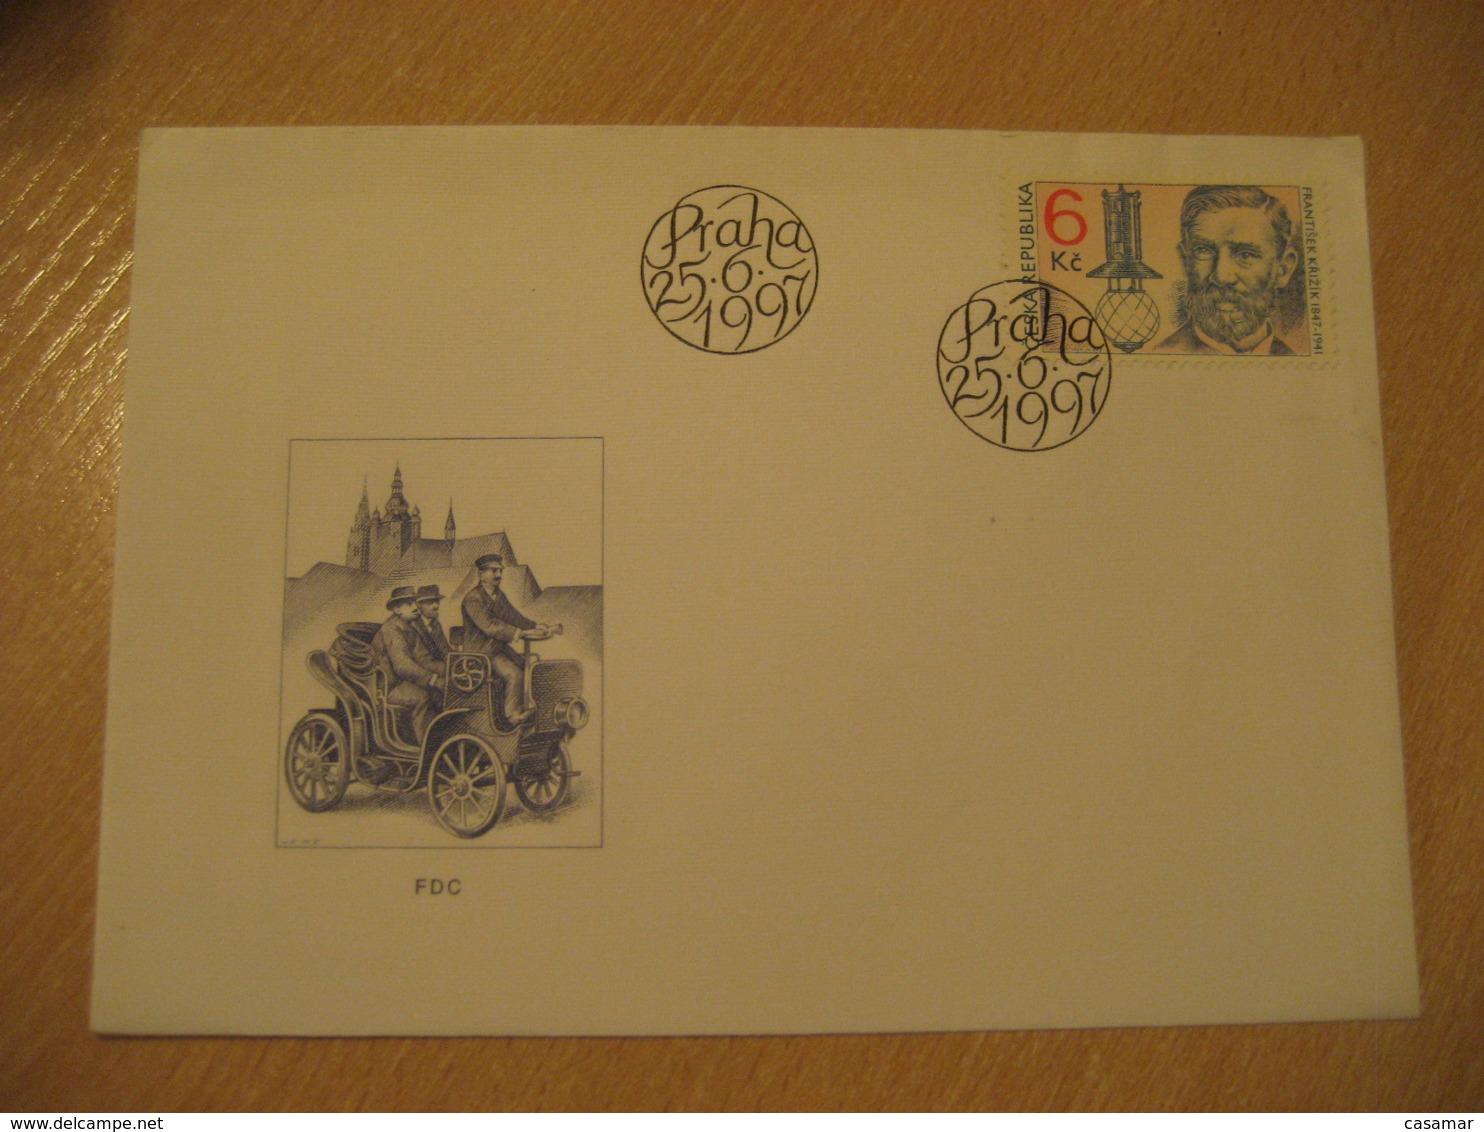 PRAGUE 1997 Krizik Auto Car FDC Cancel Cover CZECH Republic - Lettres & Documents